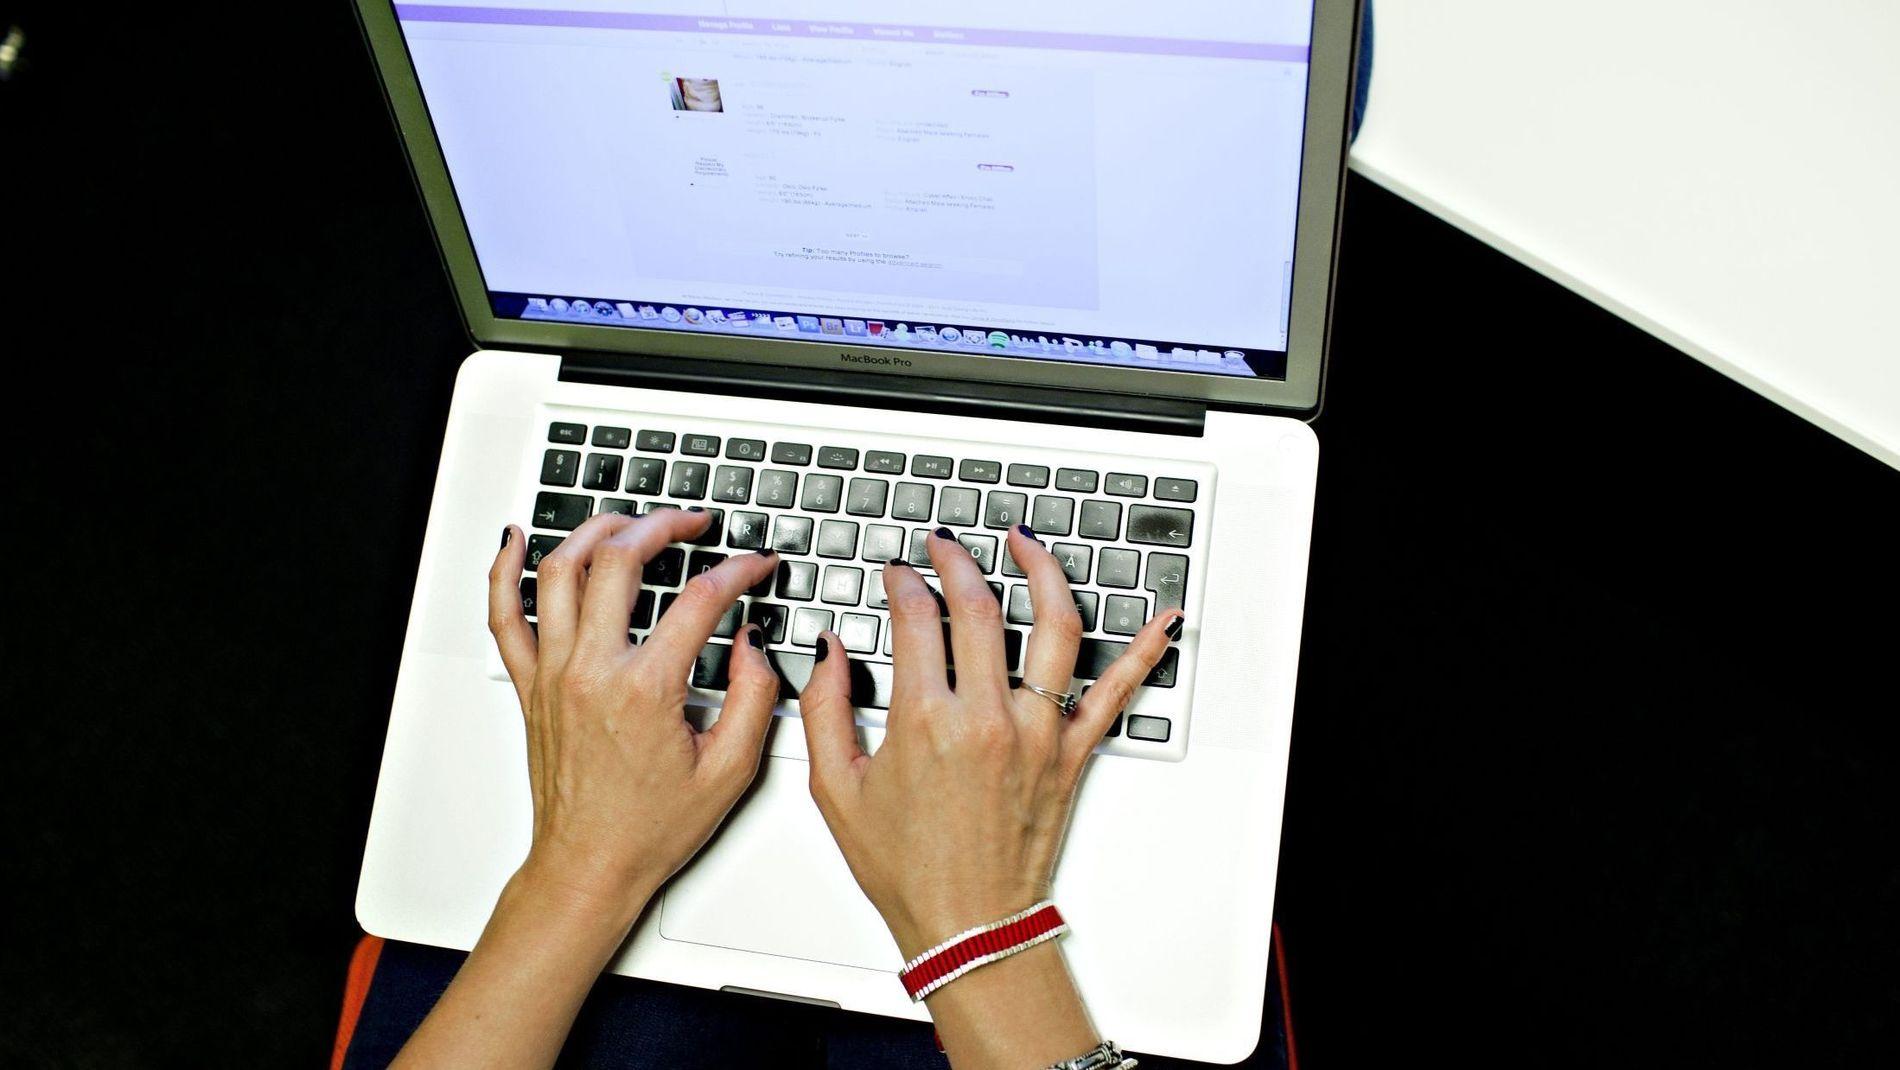 NETTVETT: Det typiske offeret for datingsvindel på nett er en eldre kvinne som er skilt eller enke, ifølge Økokrim.